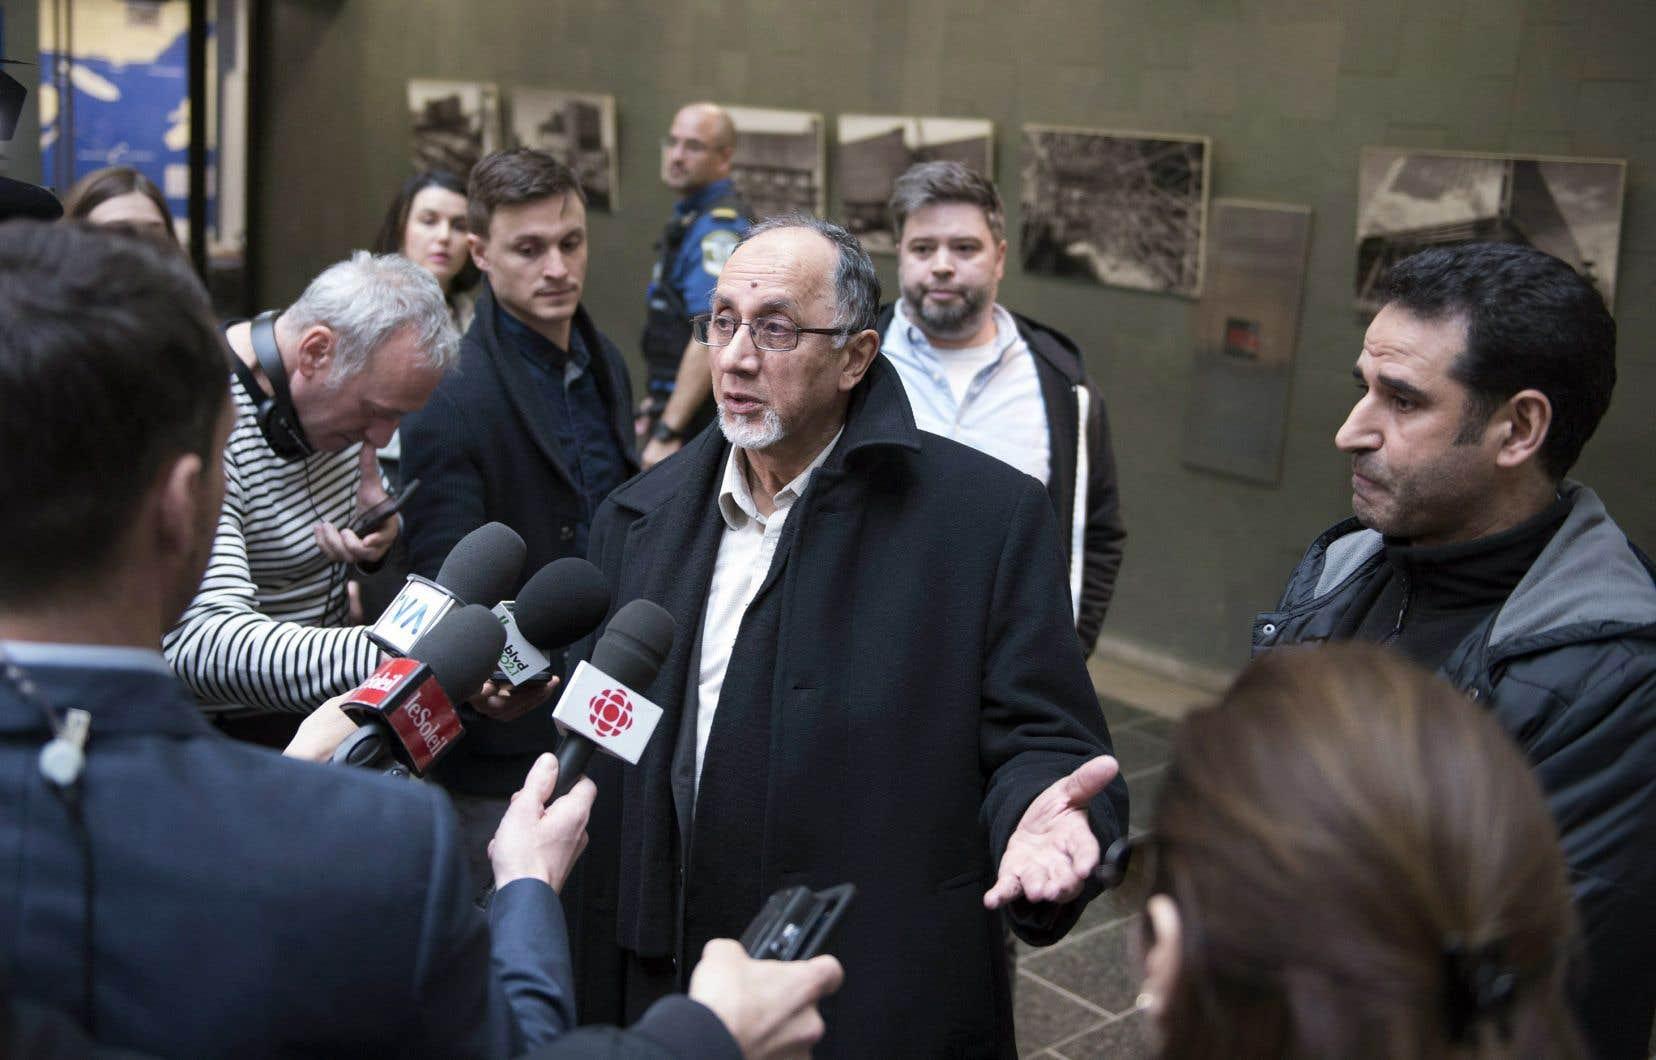 Le président du Centre culturel islamique de Québec, Boufeldja Benabdallah, a réagi positivement à la décision du juge François Huot d'empêcher la diffusion par les médias des images captées par les caméras de la mosquée où Alexandre Bissonnette a commis son crime.